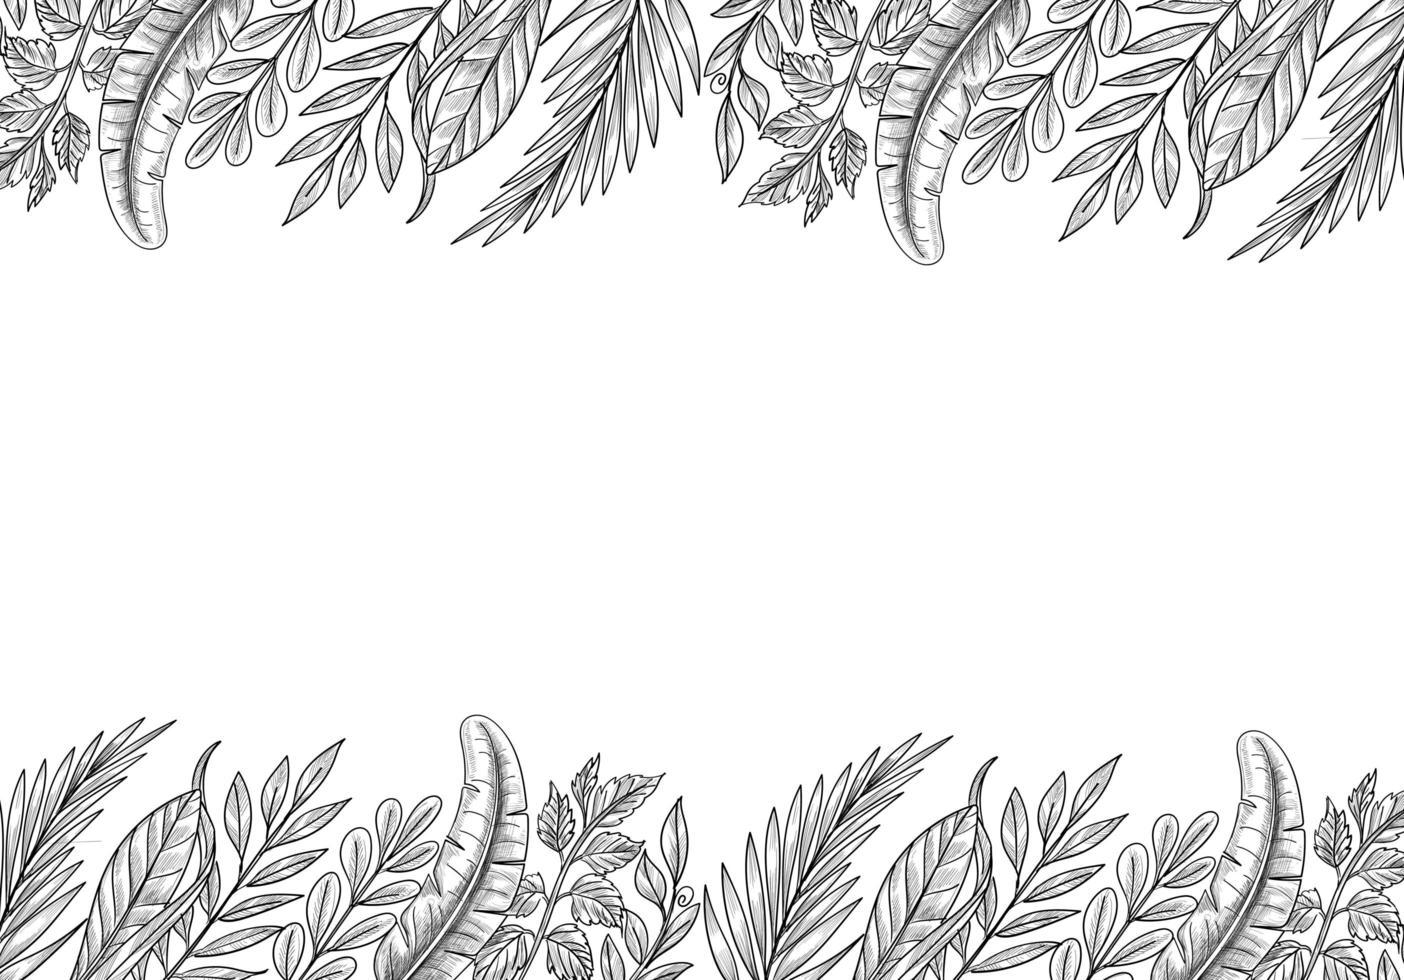 fondo de bosquejo de hoja de plantas tropicales dibujadas a mano vector